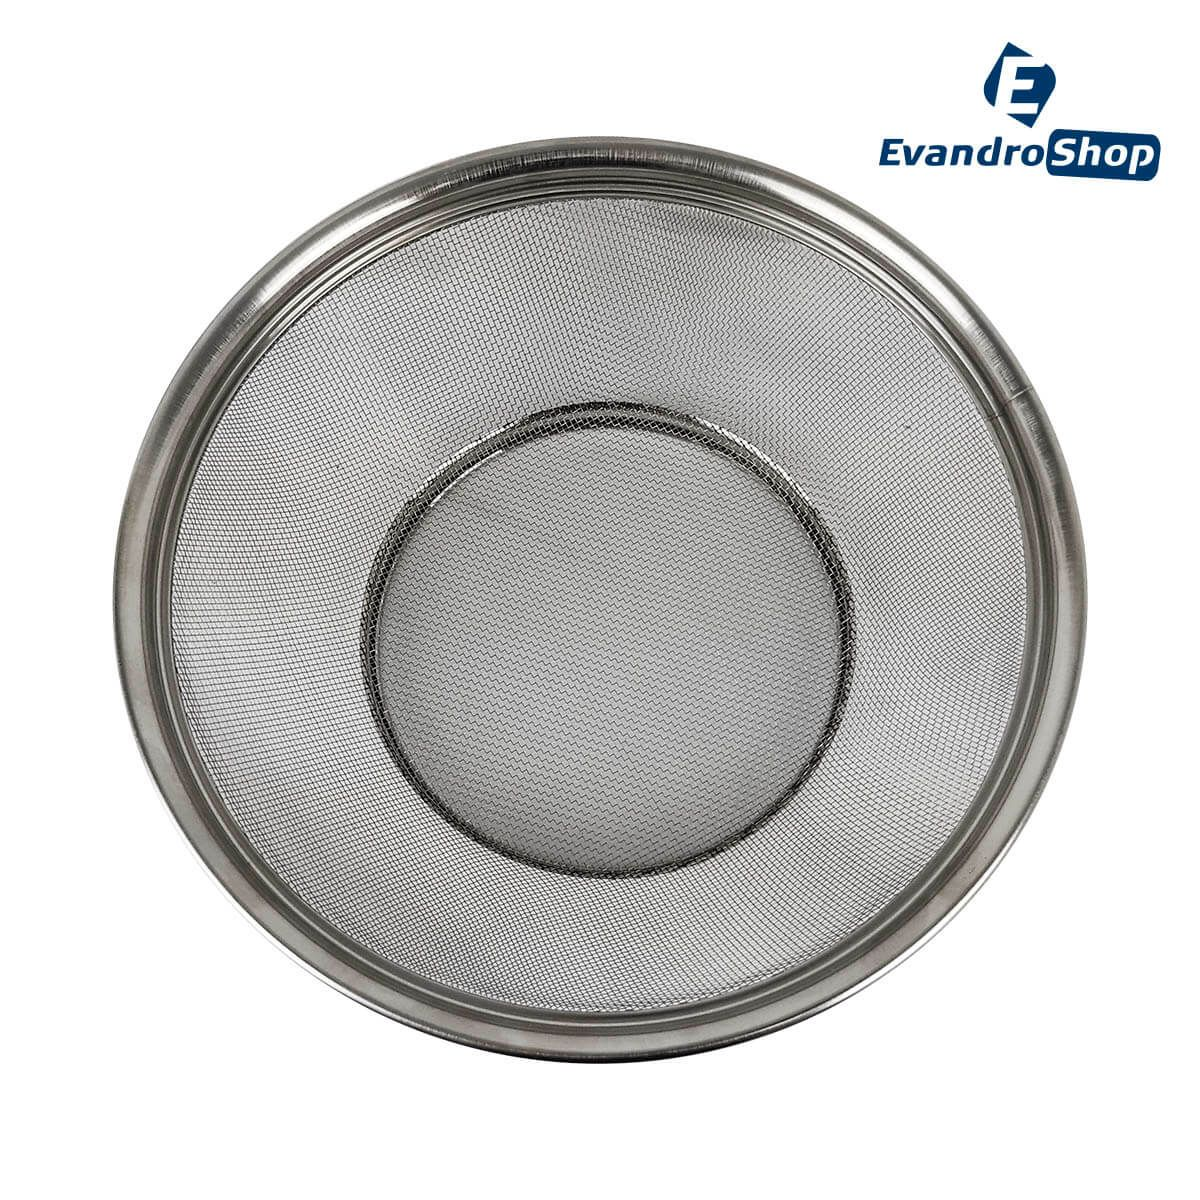 Escorredor Multiuso De Metal 28x10,5 Cm - Nipo